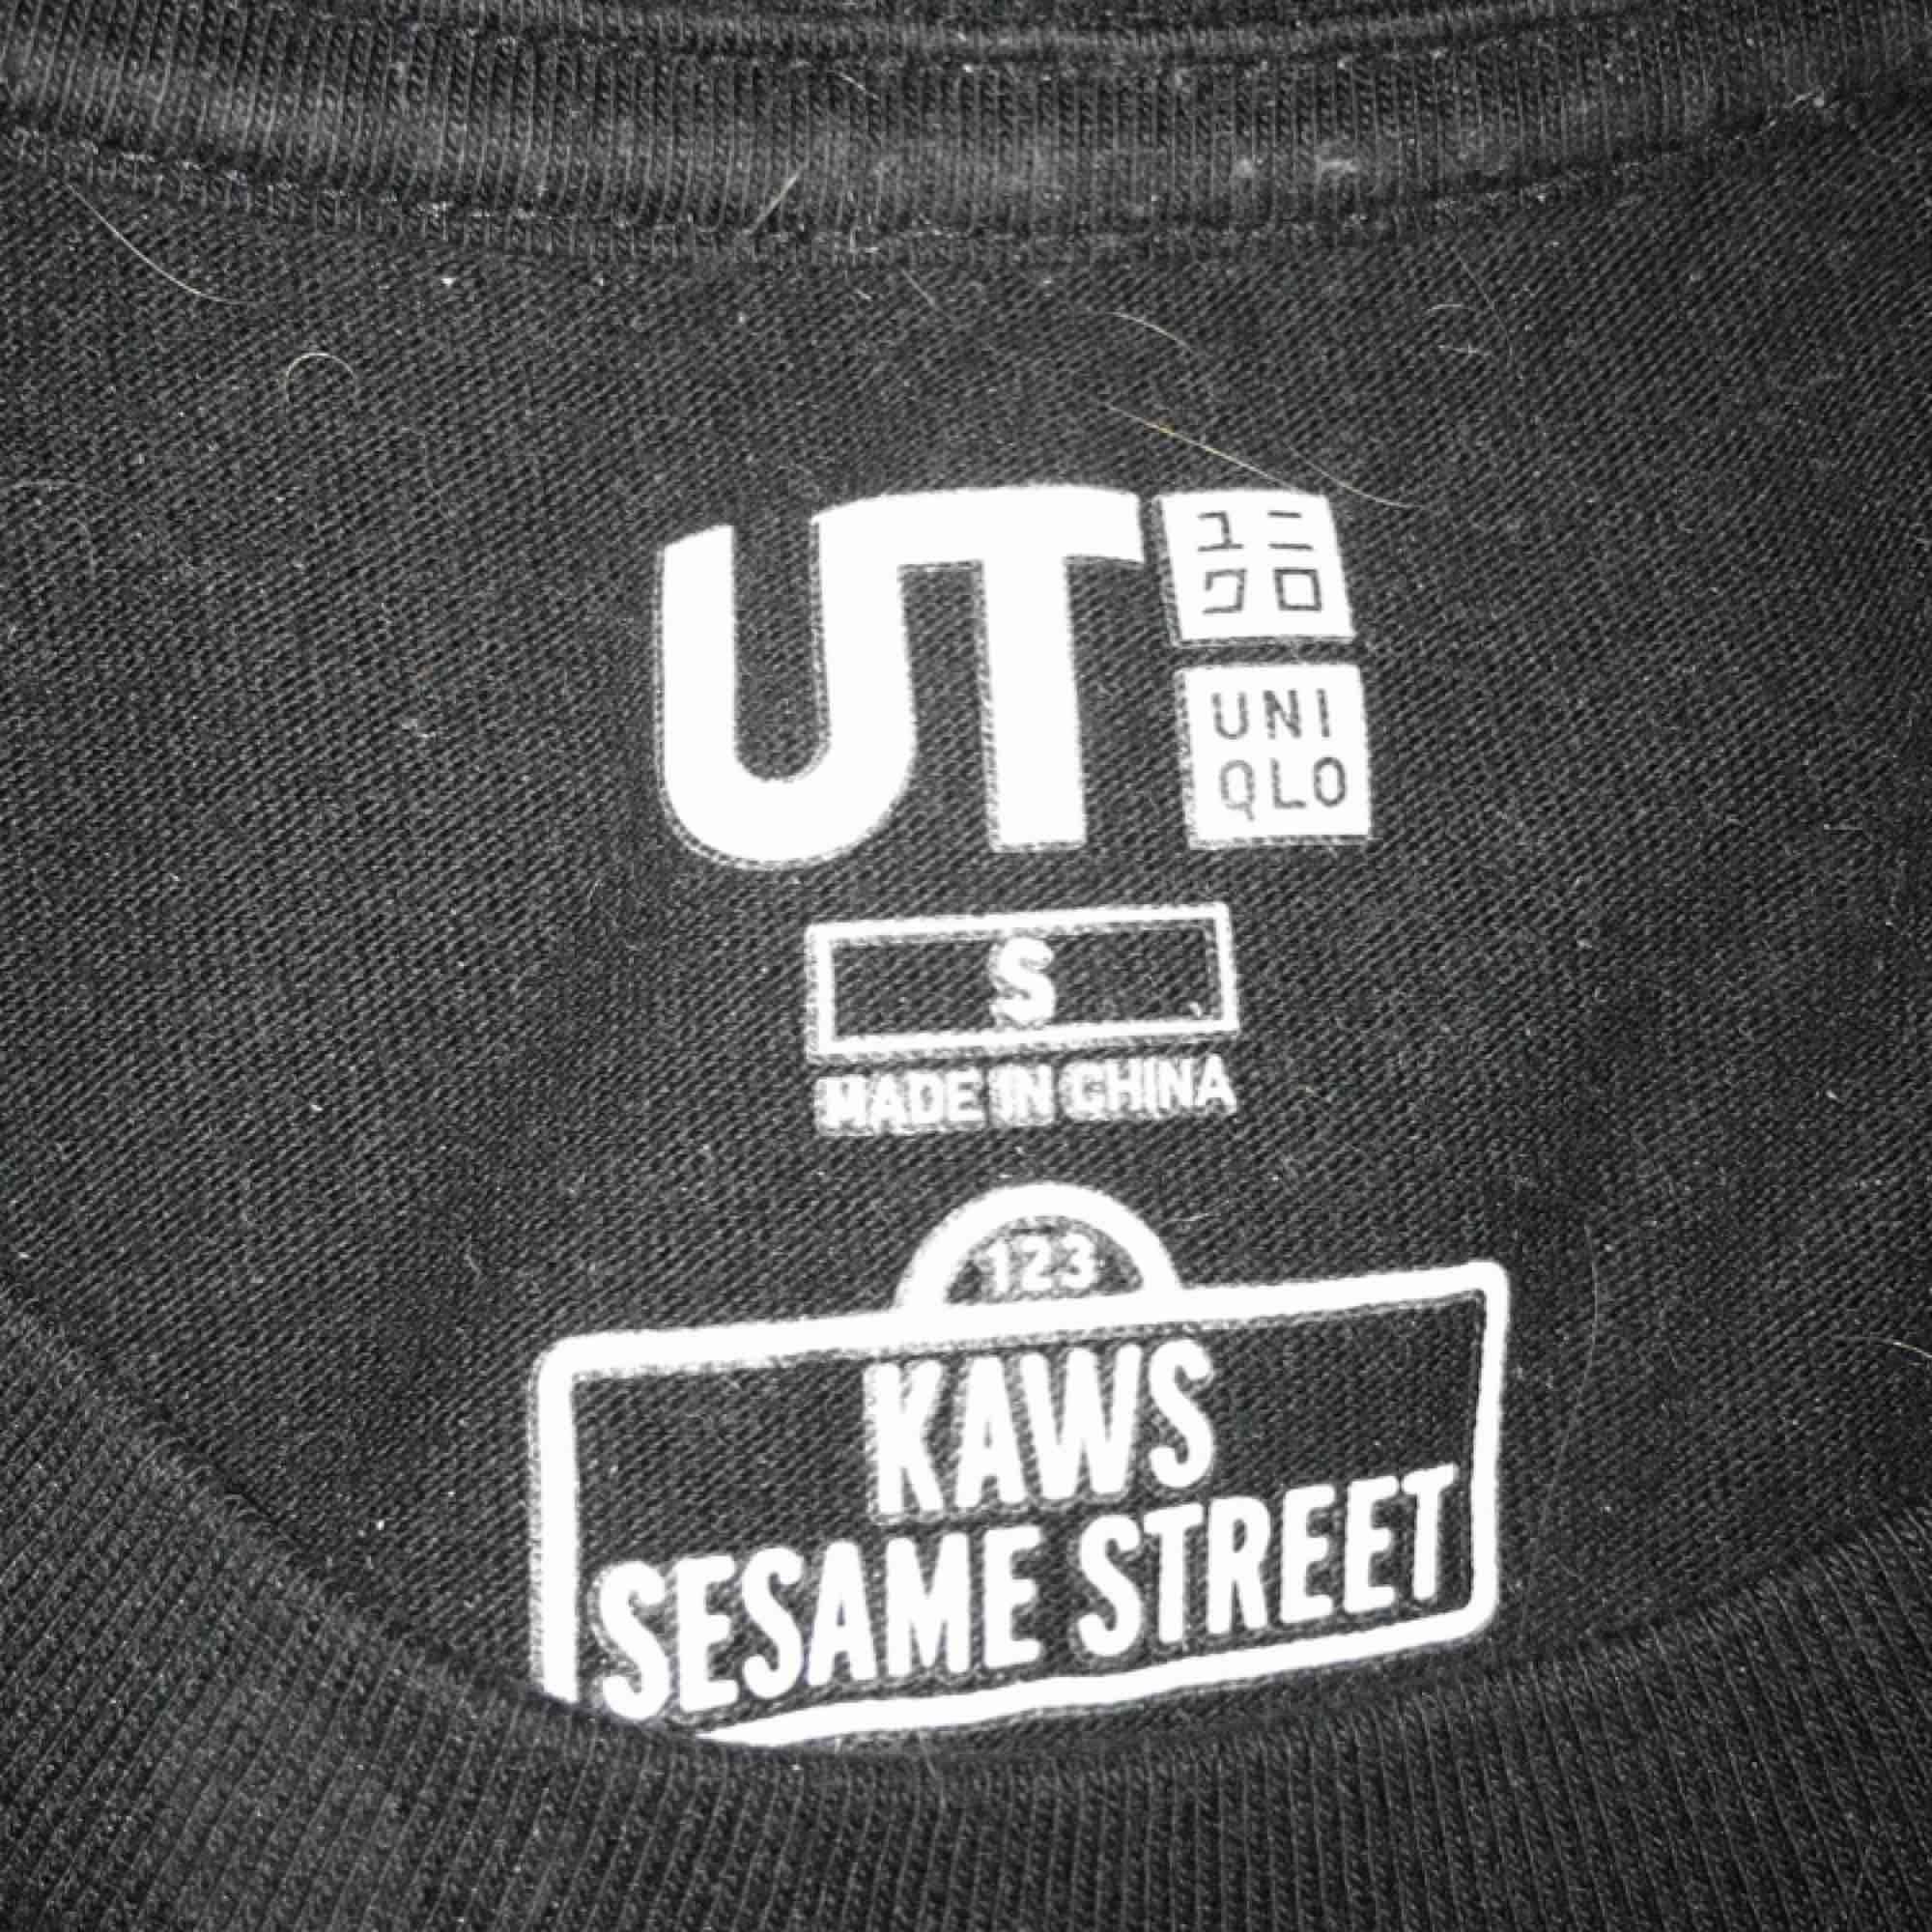 Väldigt fin uniqlo x kaws. Väldigt hypad och bra pris. Strl S. Passar fint på mig som är 177. Sitter tts.   Hämtas i Stockholm . T-shirts.